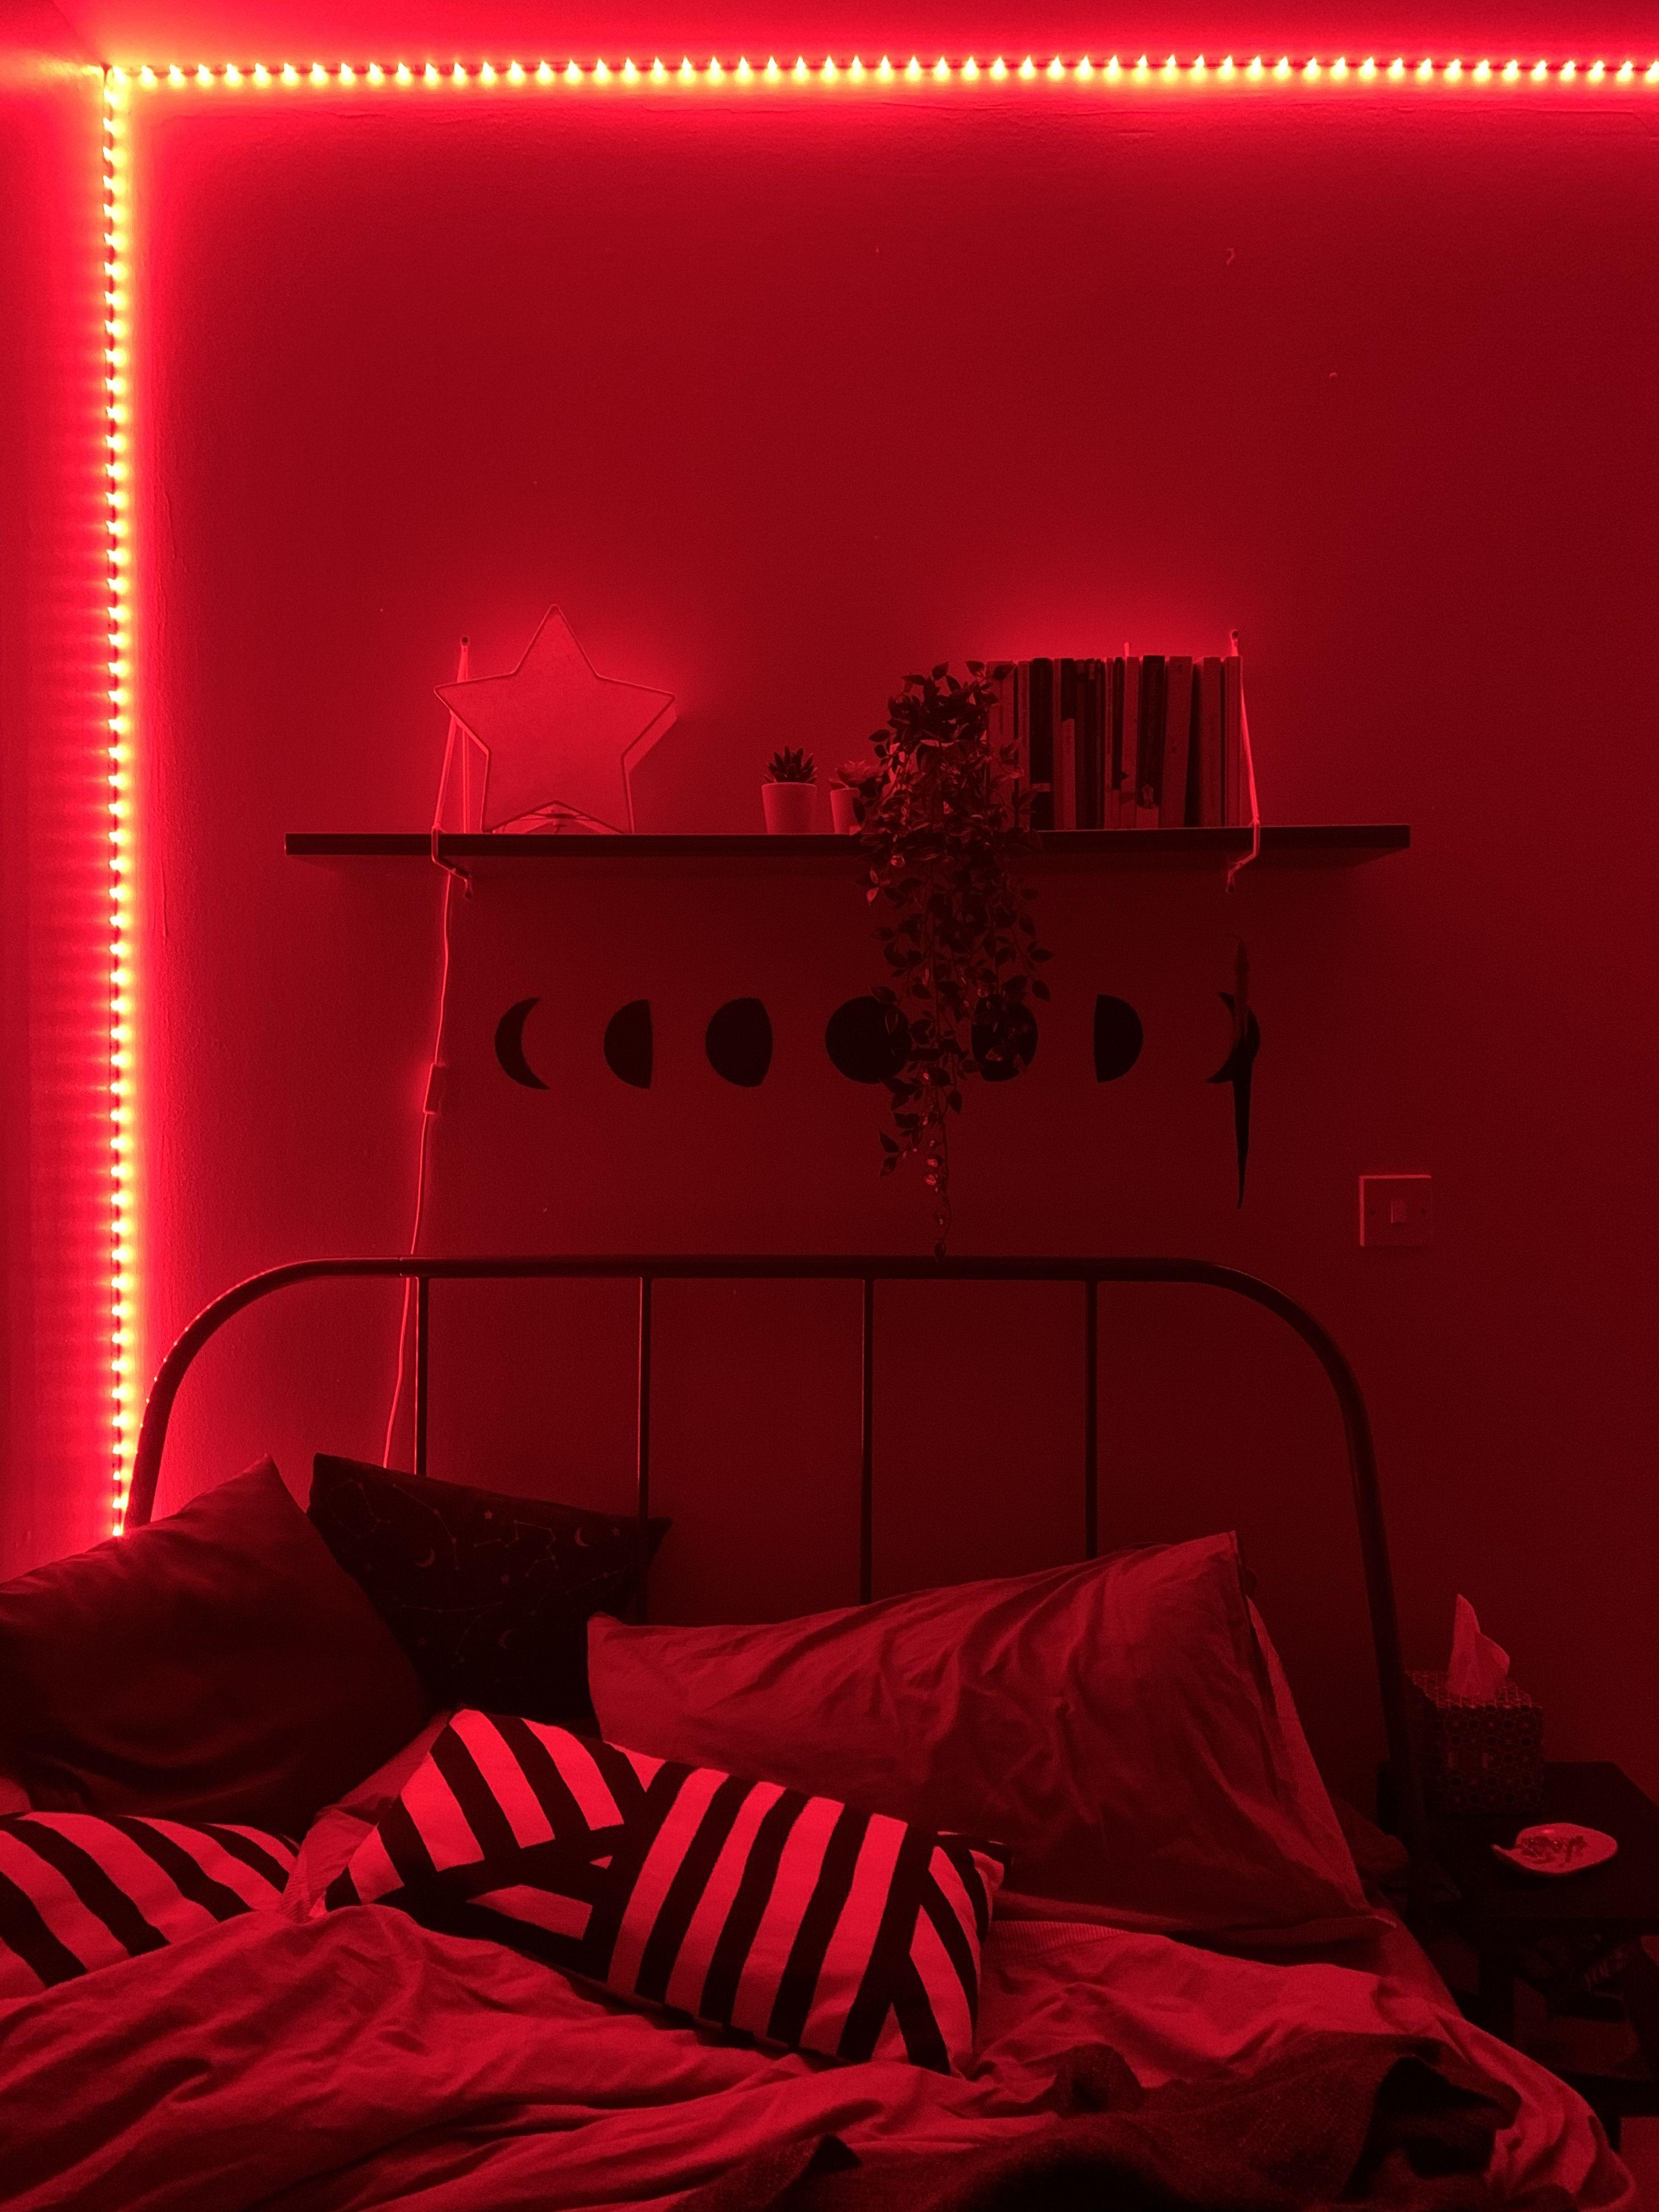 Neon Bedroom In 2020 Red Lights Bedroom Neon Bedroom Bedroom Decor Design